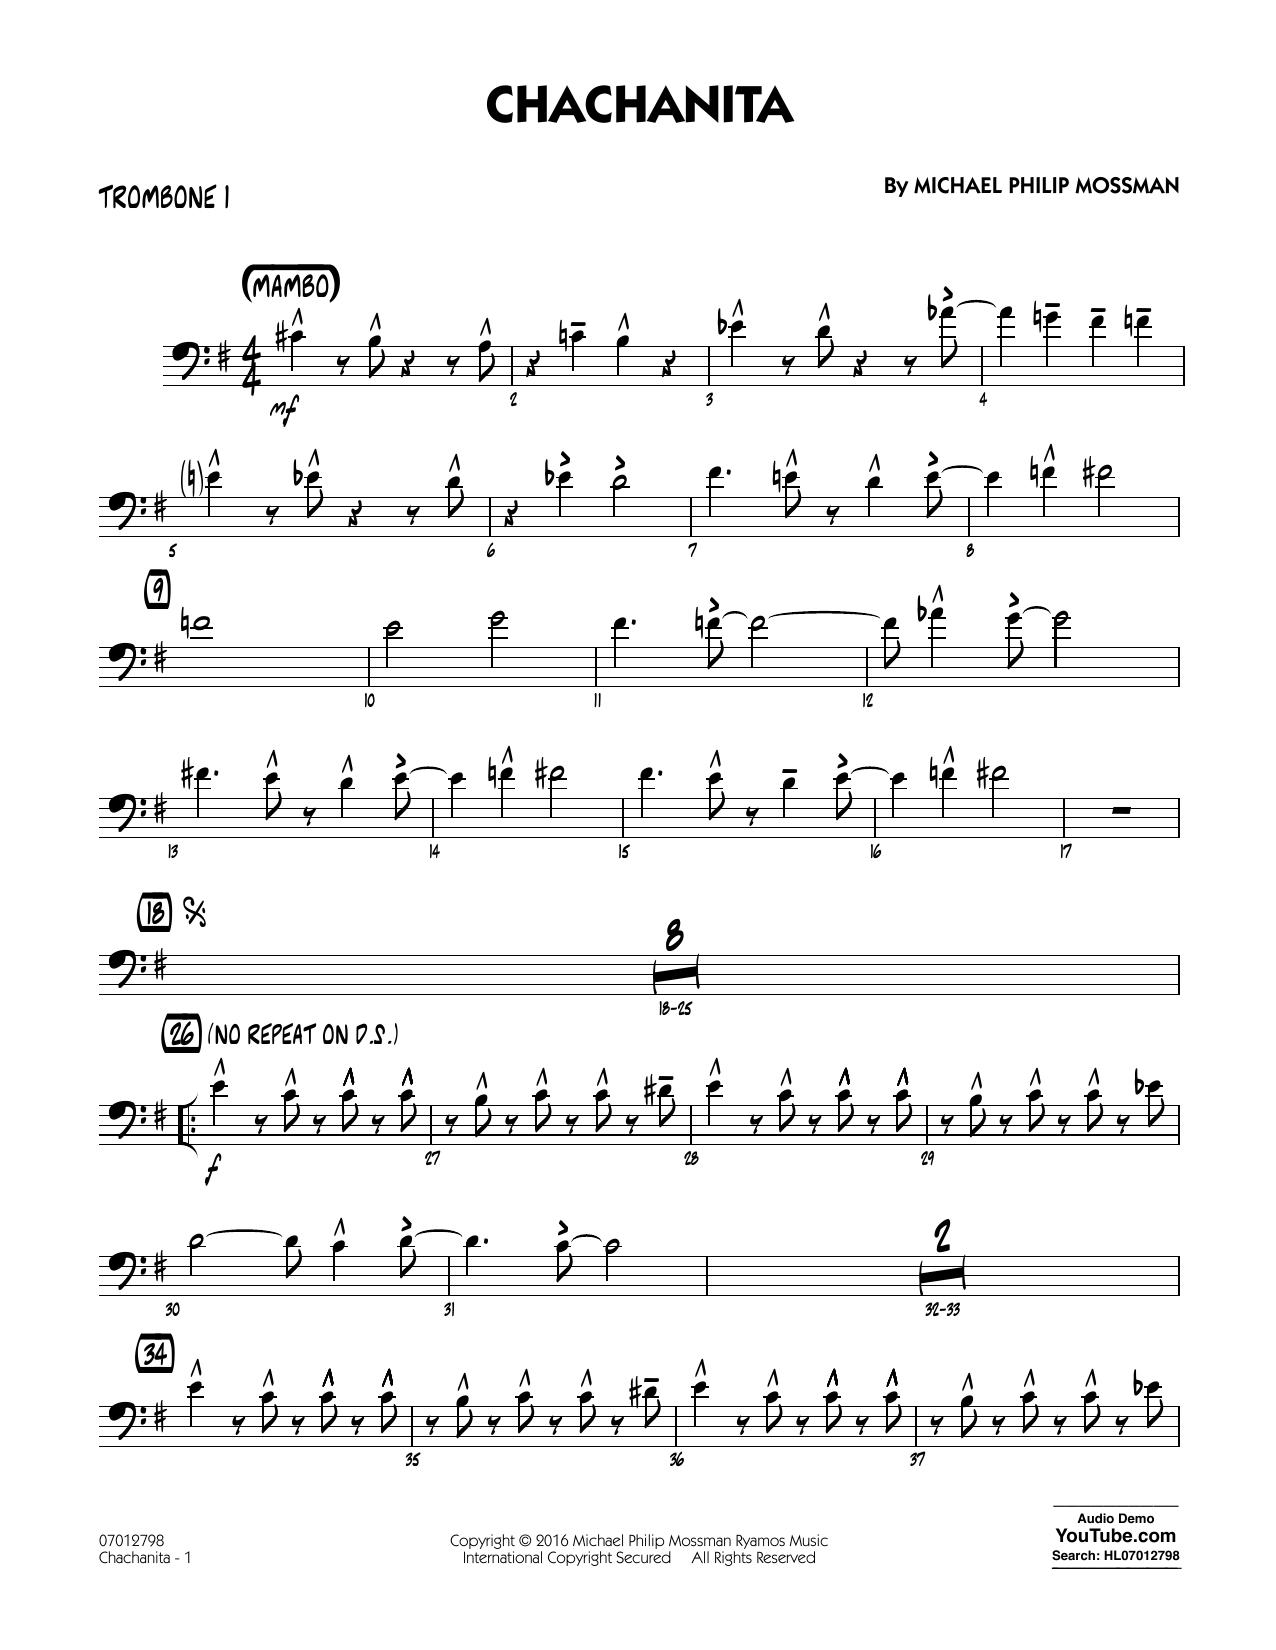 Chachanita - Trombone 1